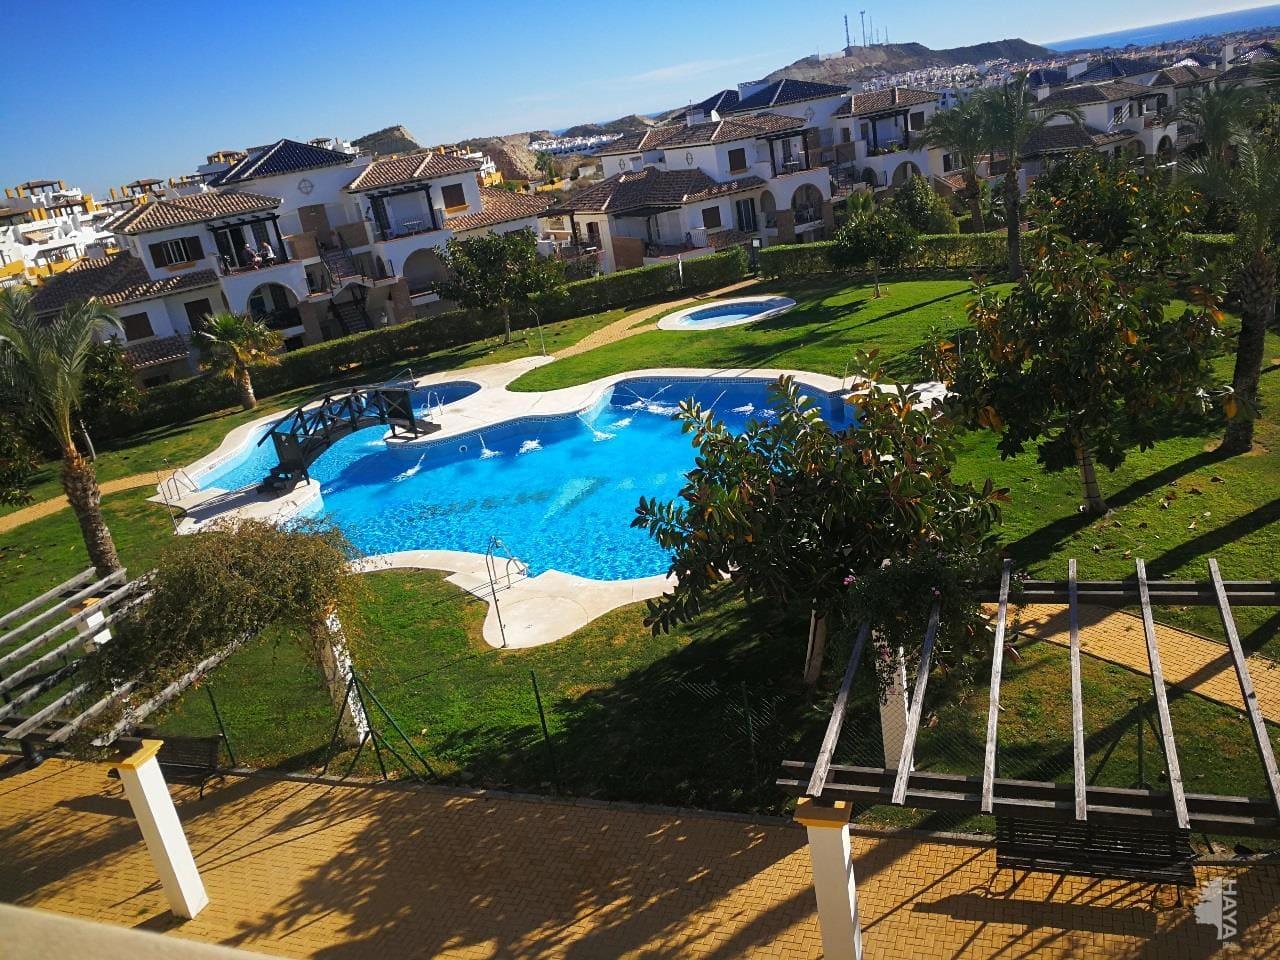 Piso en venta en Vera Playa, Vera, Almería, Calle Tomillo, 103.500 €, 2 habitaciones, 2 baños, 85 m2